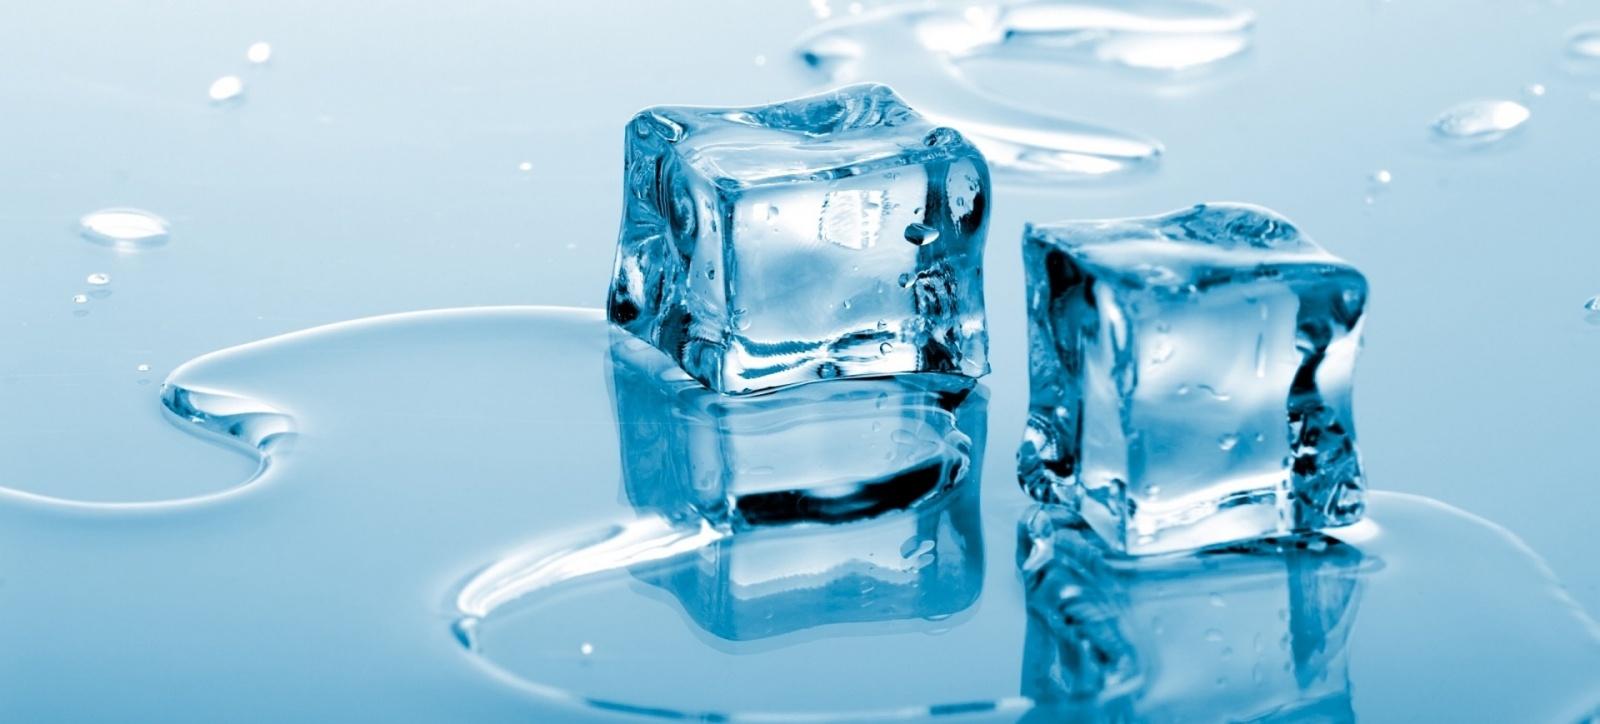 Липидам холод нипочем: предотвращение кристаллизации воды при -263 °С - 1